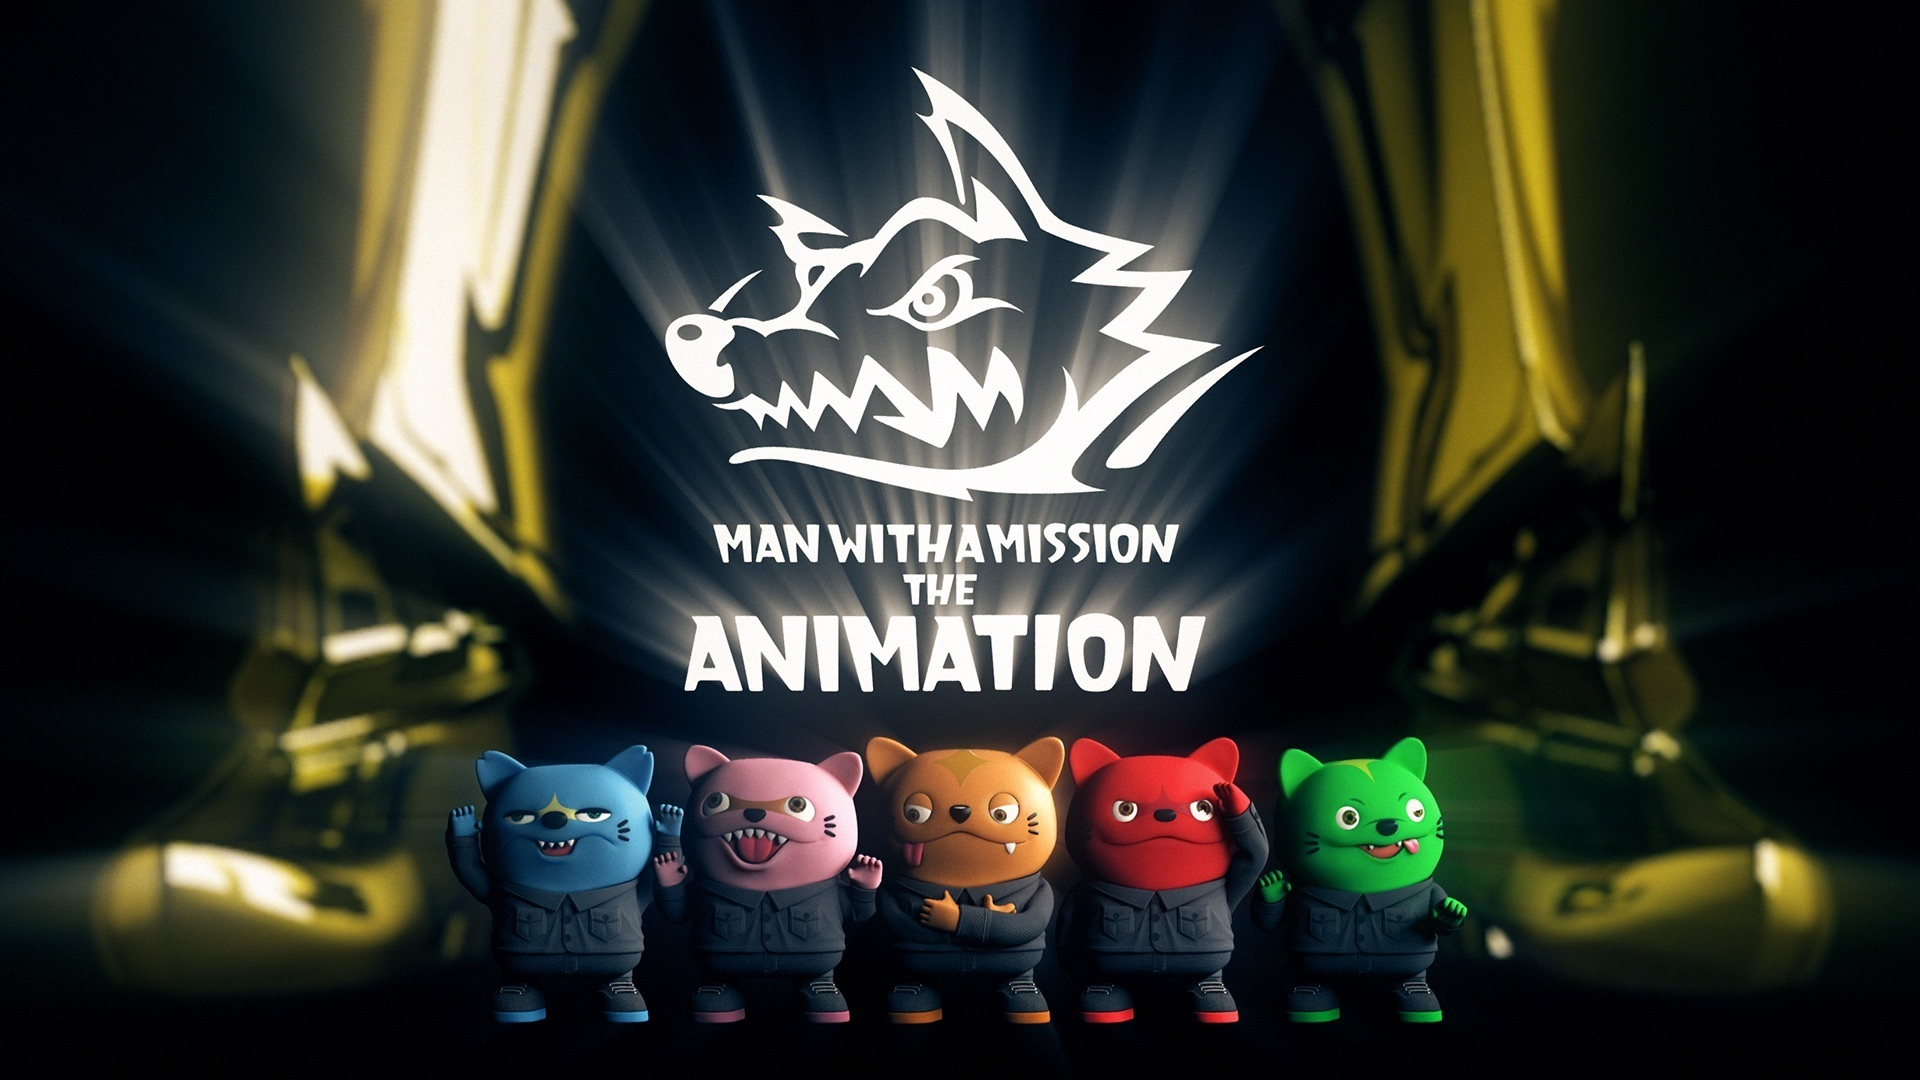 マンウィズ3dcgアニメ Man With A Mission The Animation 後編配信